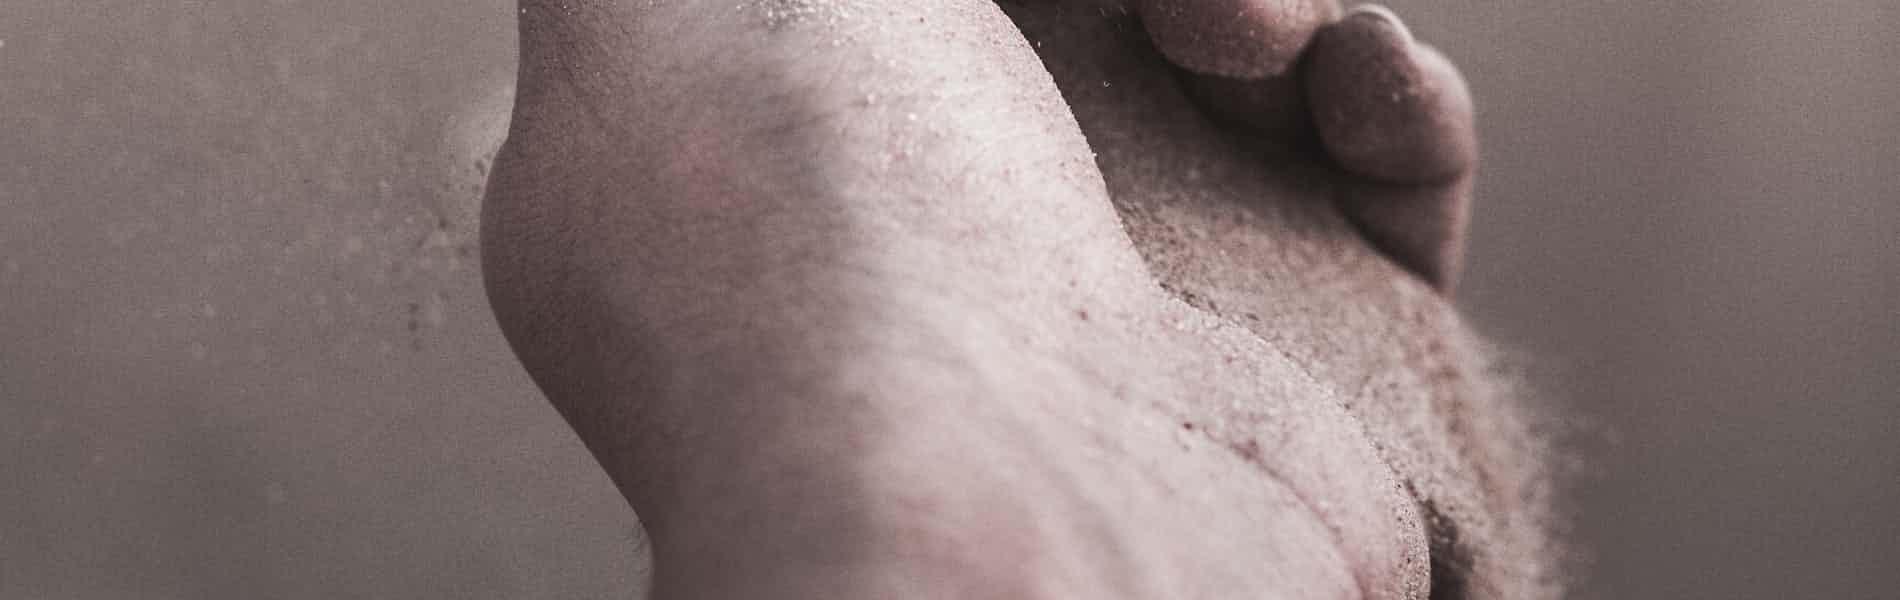 """מודל טיפולי בלידה שקטה - ד""""ר חניתה ראובן-קרישפין"""